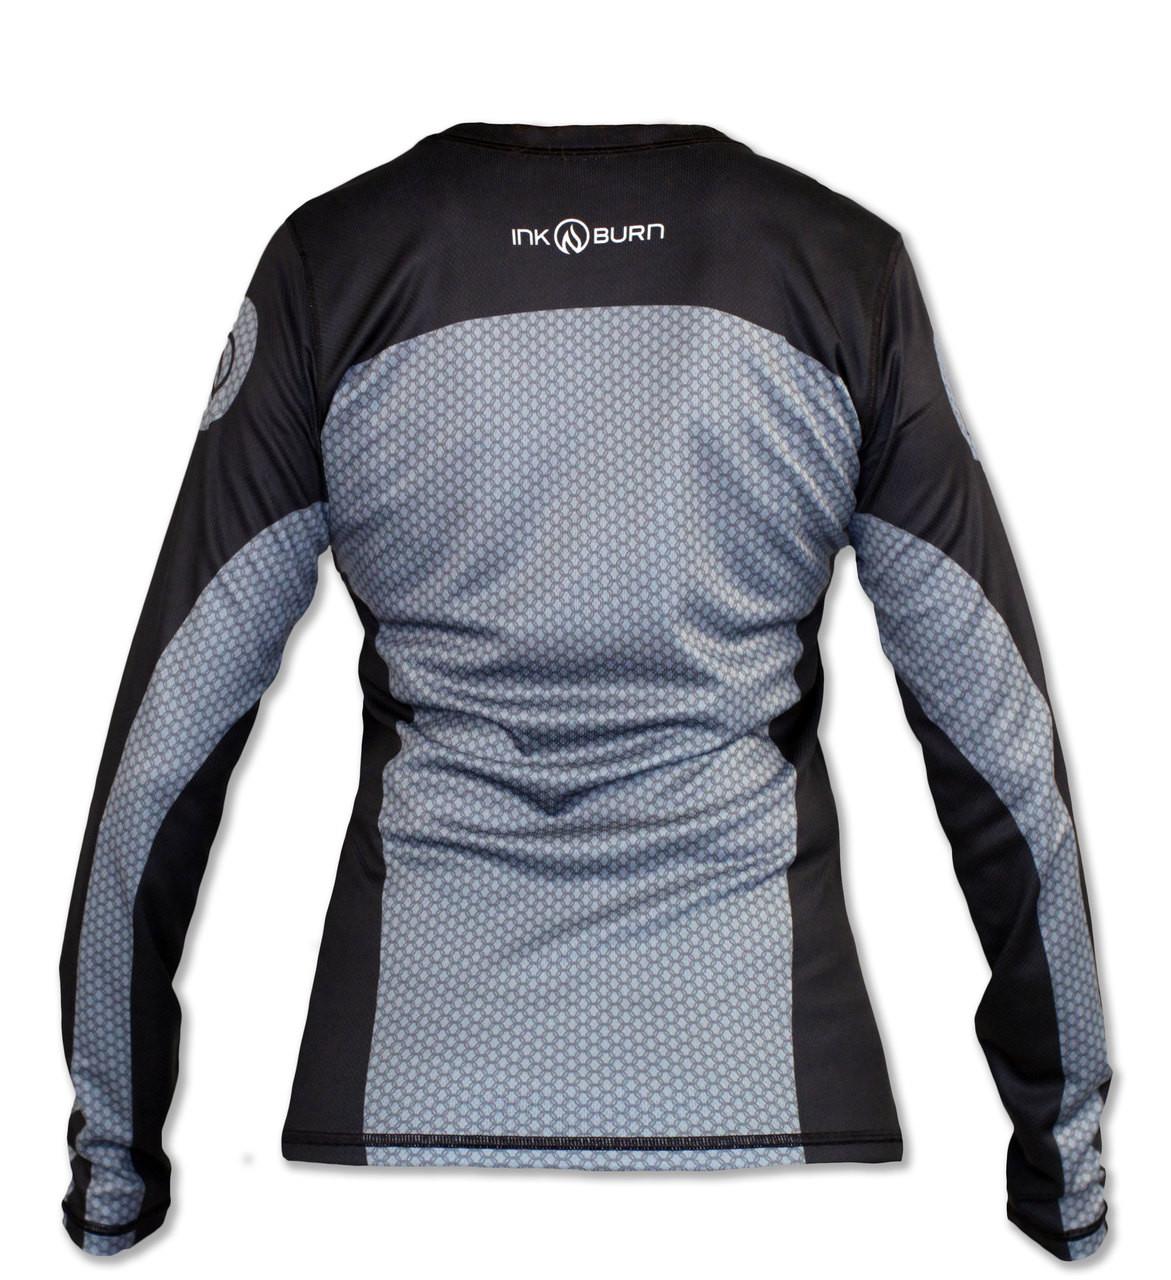 INKnBURN Women's Hachiko Long Sleeve Tech Shirt Back